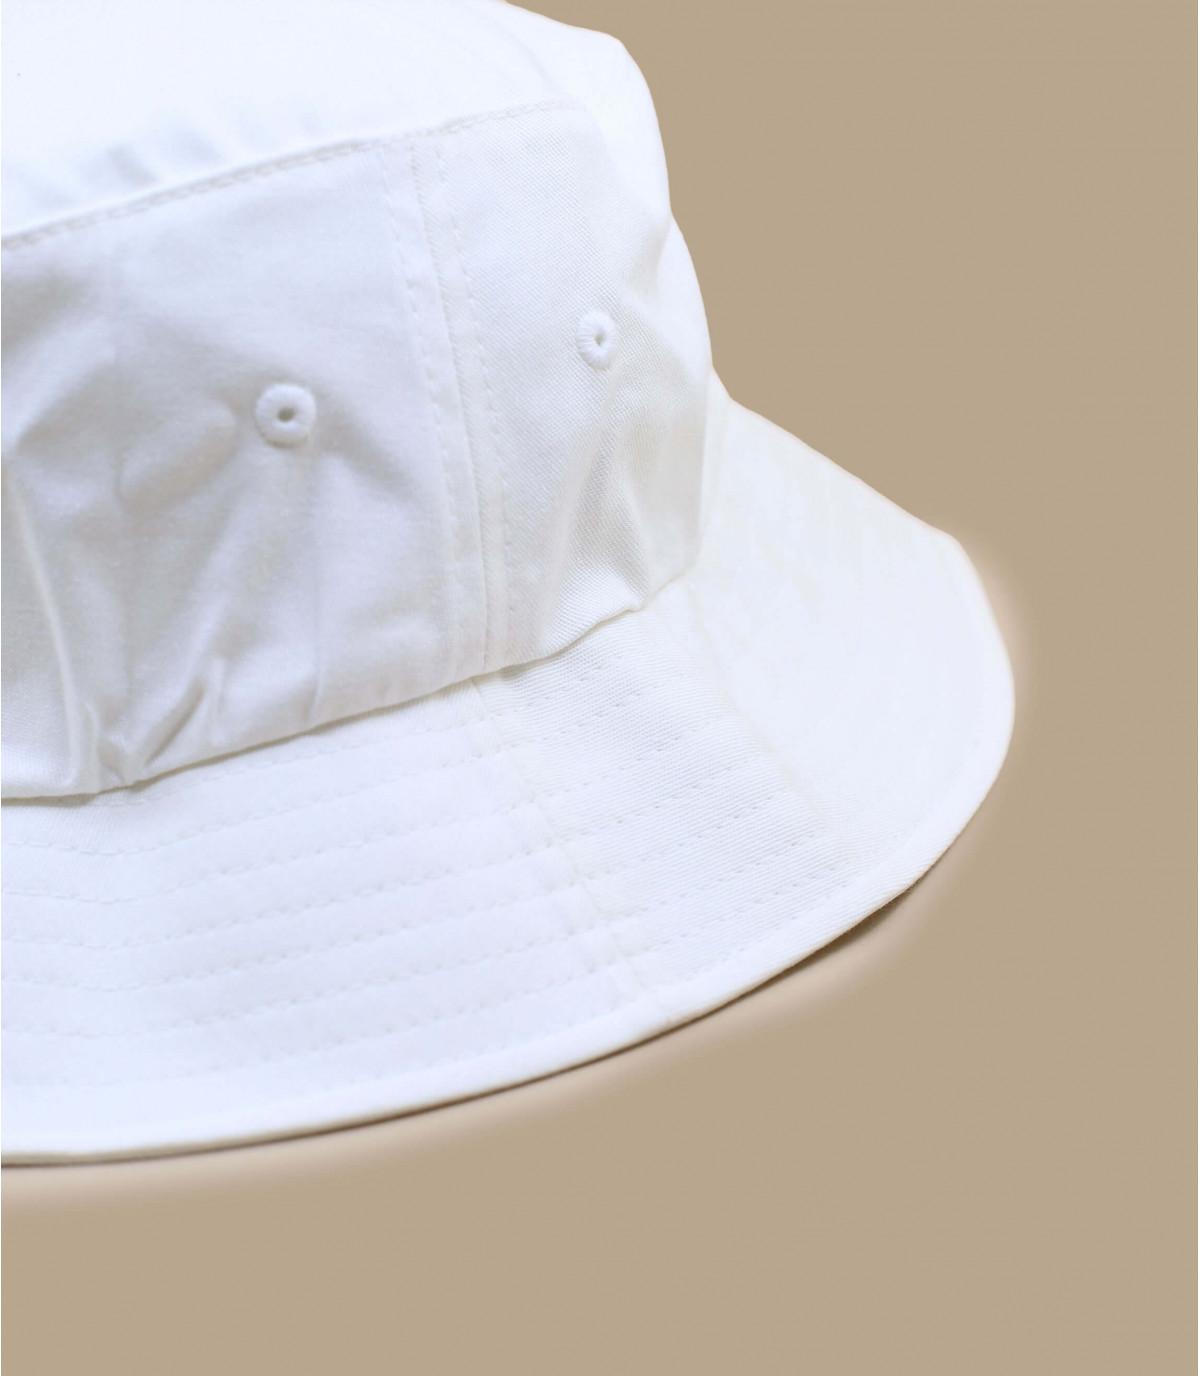 Détails Bob blanc flexfit wm - image 1